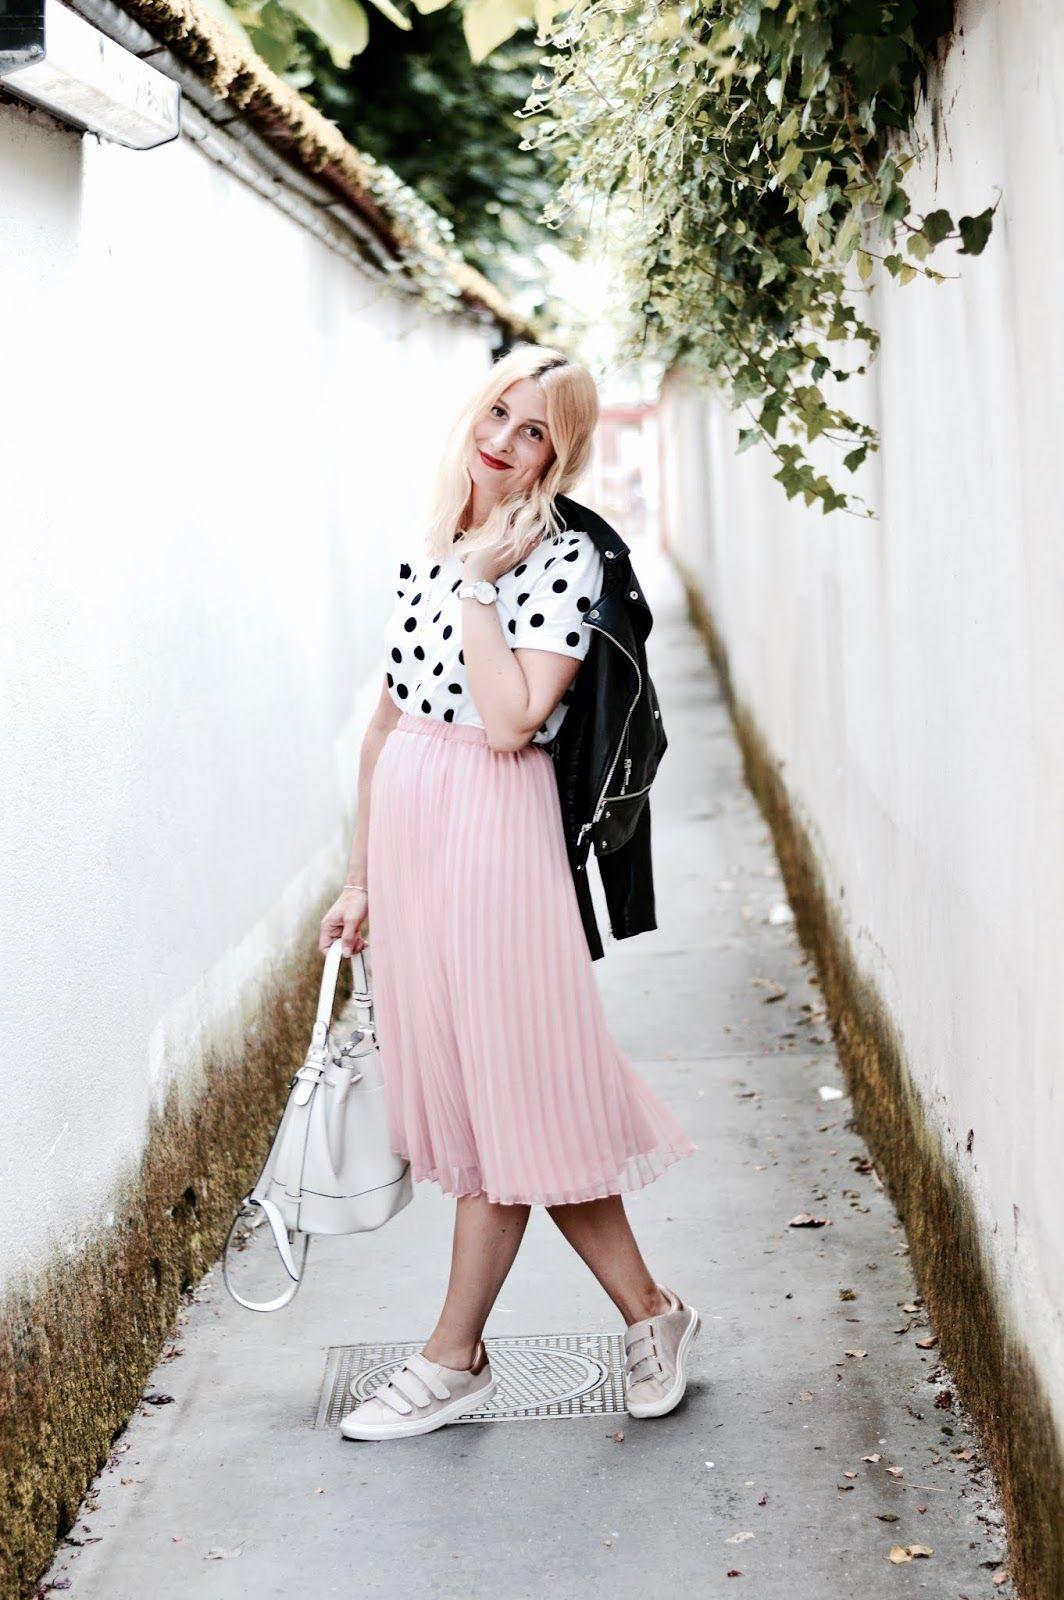 Rose Looks Skirts FemmeJupe Midi Look Et BasketTenues rdxBoCeW